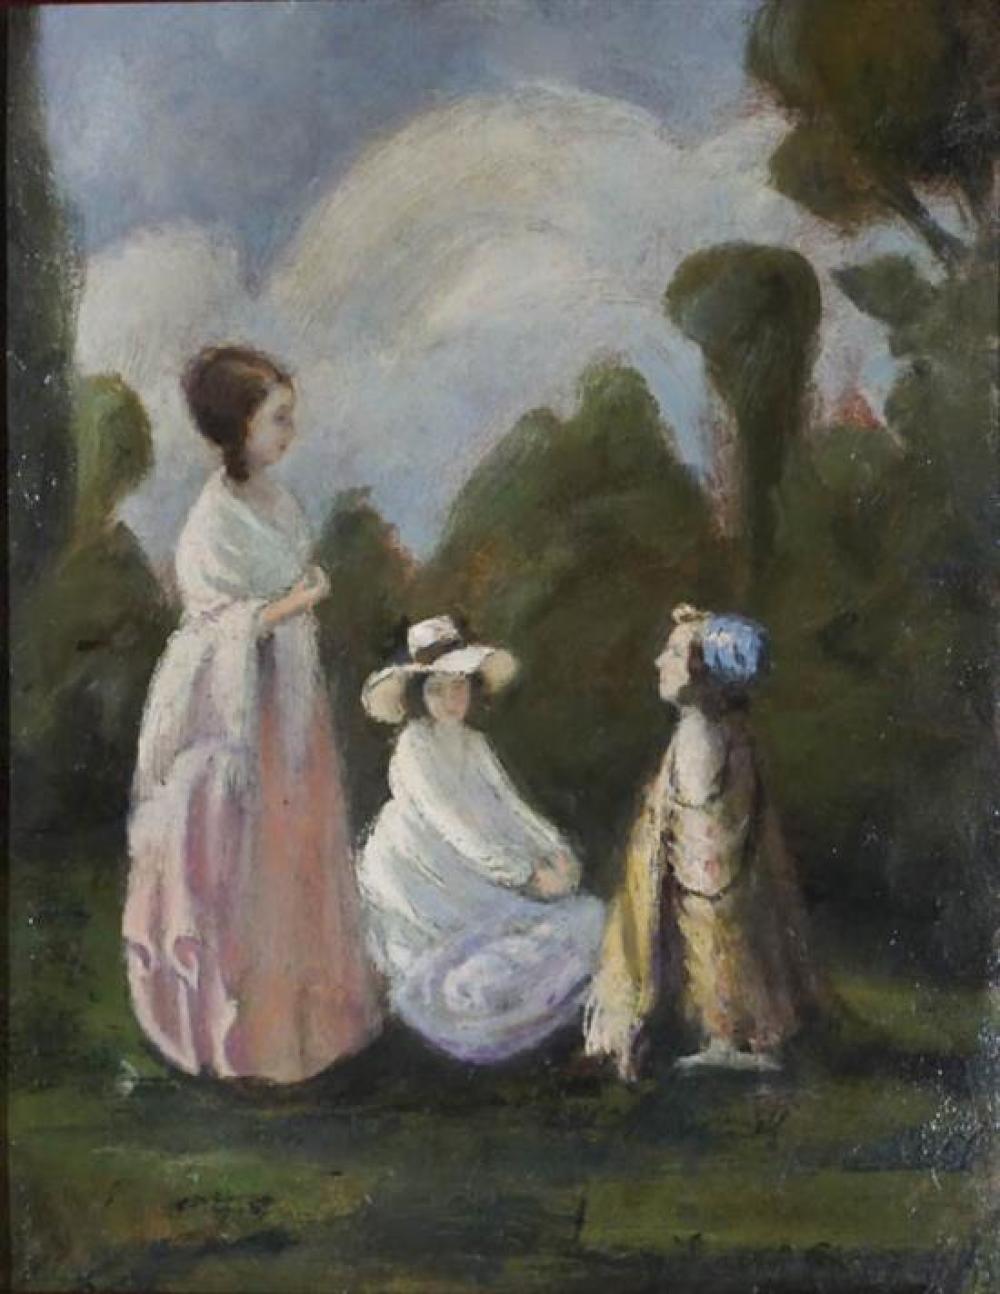 Béla Iványi Grünwald (Hungarian 1867-1940), Outdoor Activities